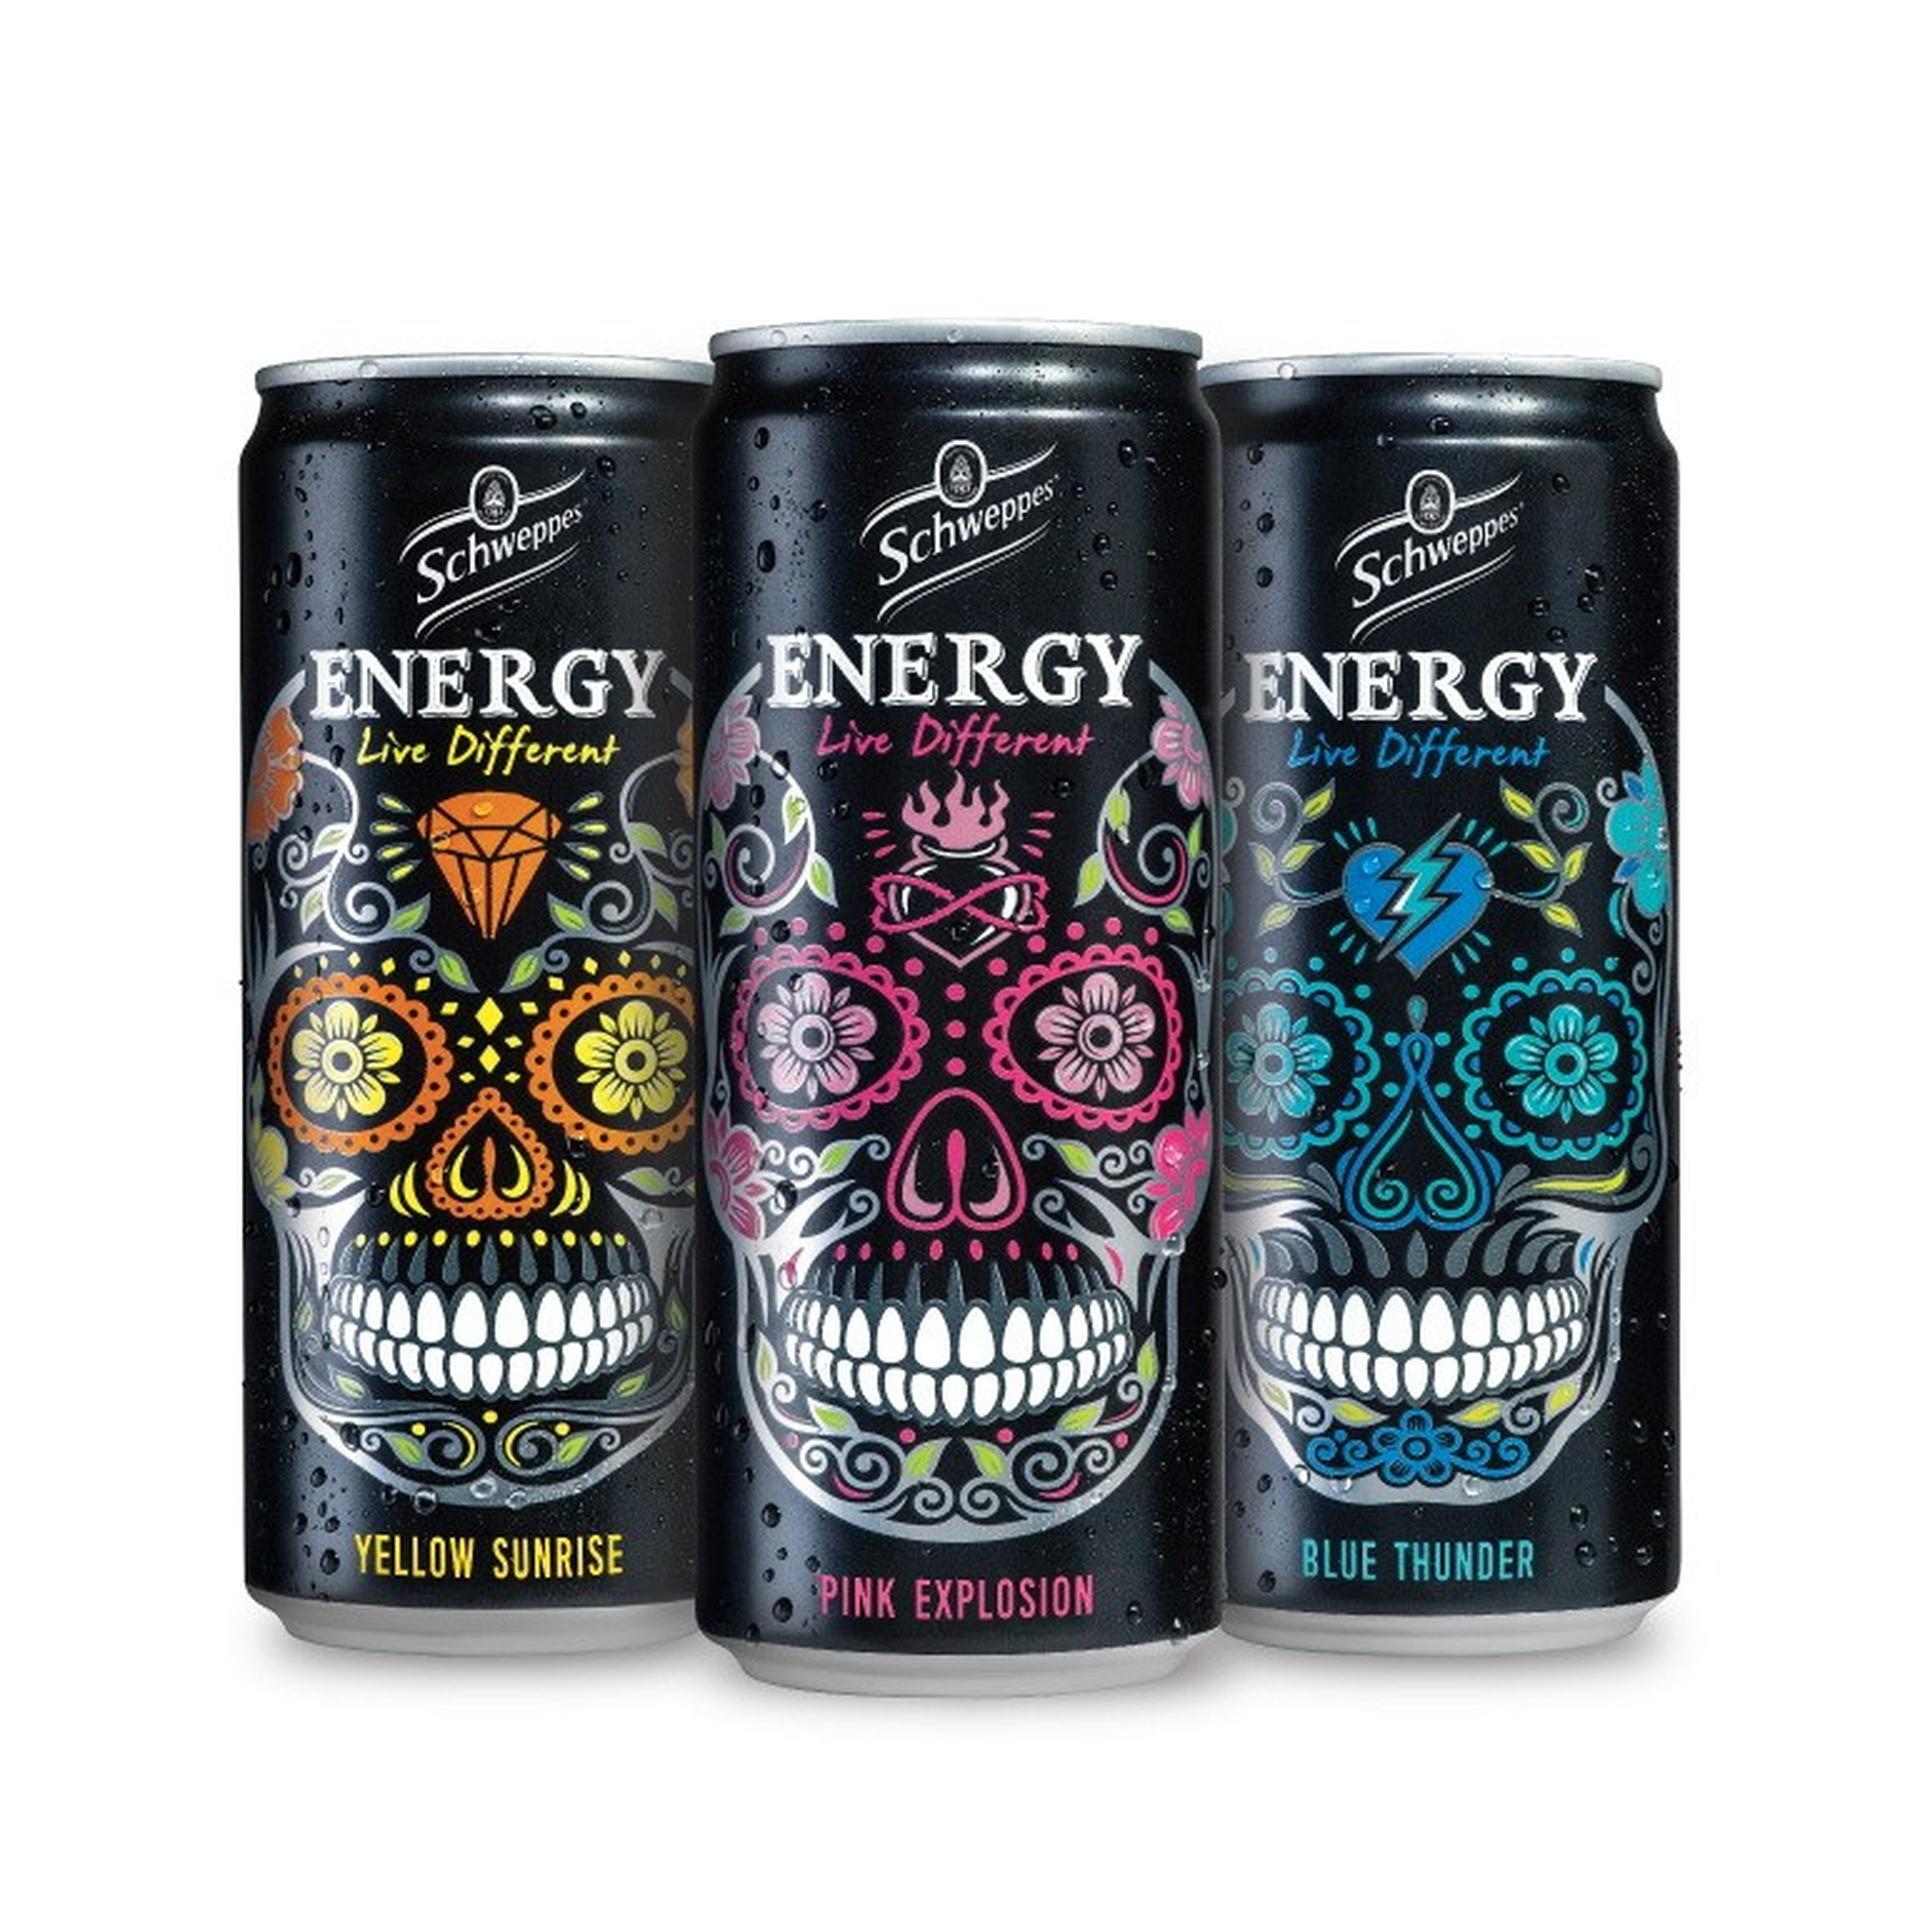 משקאות האנרגיה החדשים של שוופס. צילום: סטודיו יפאורה